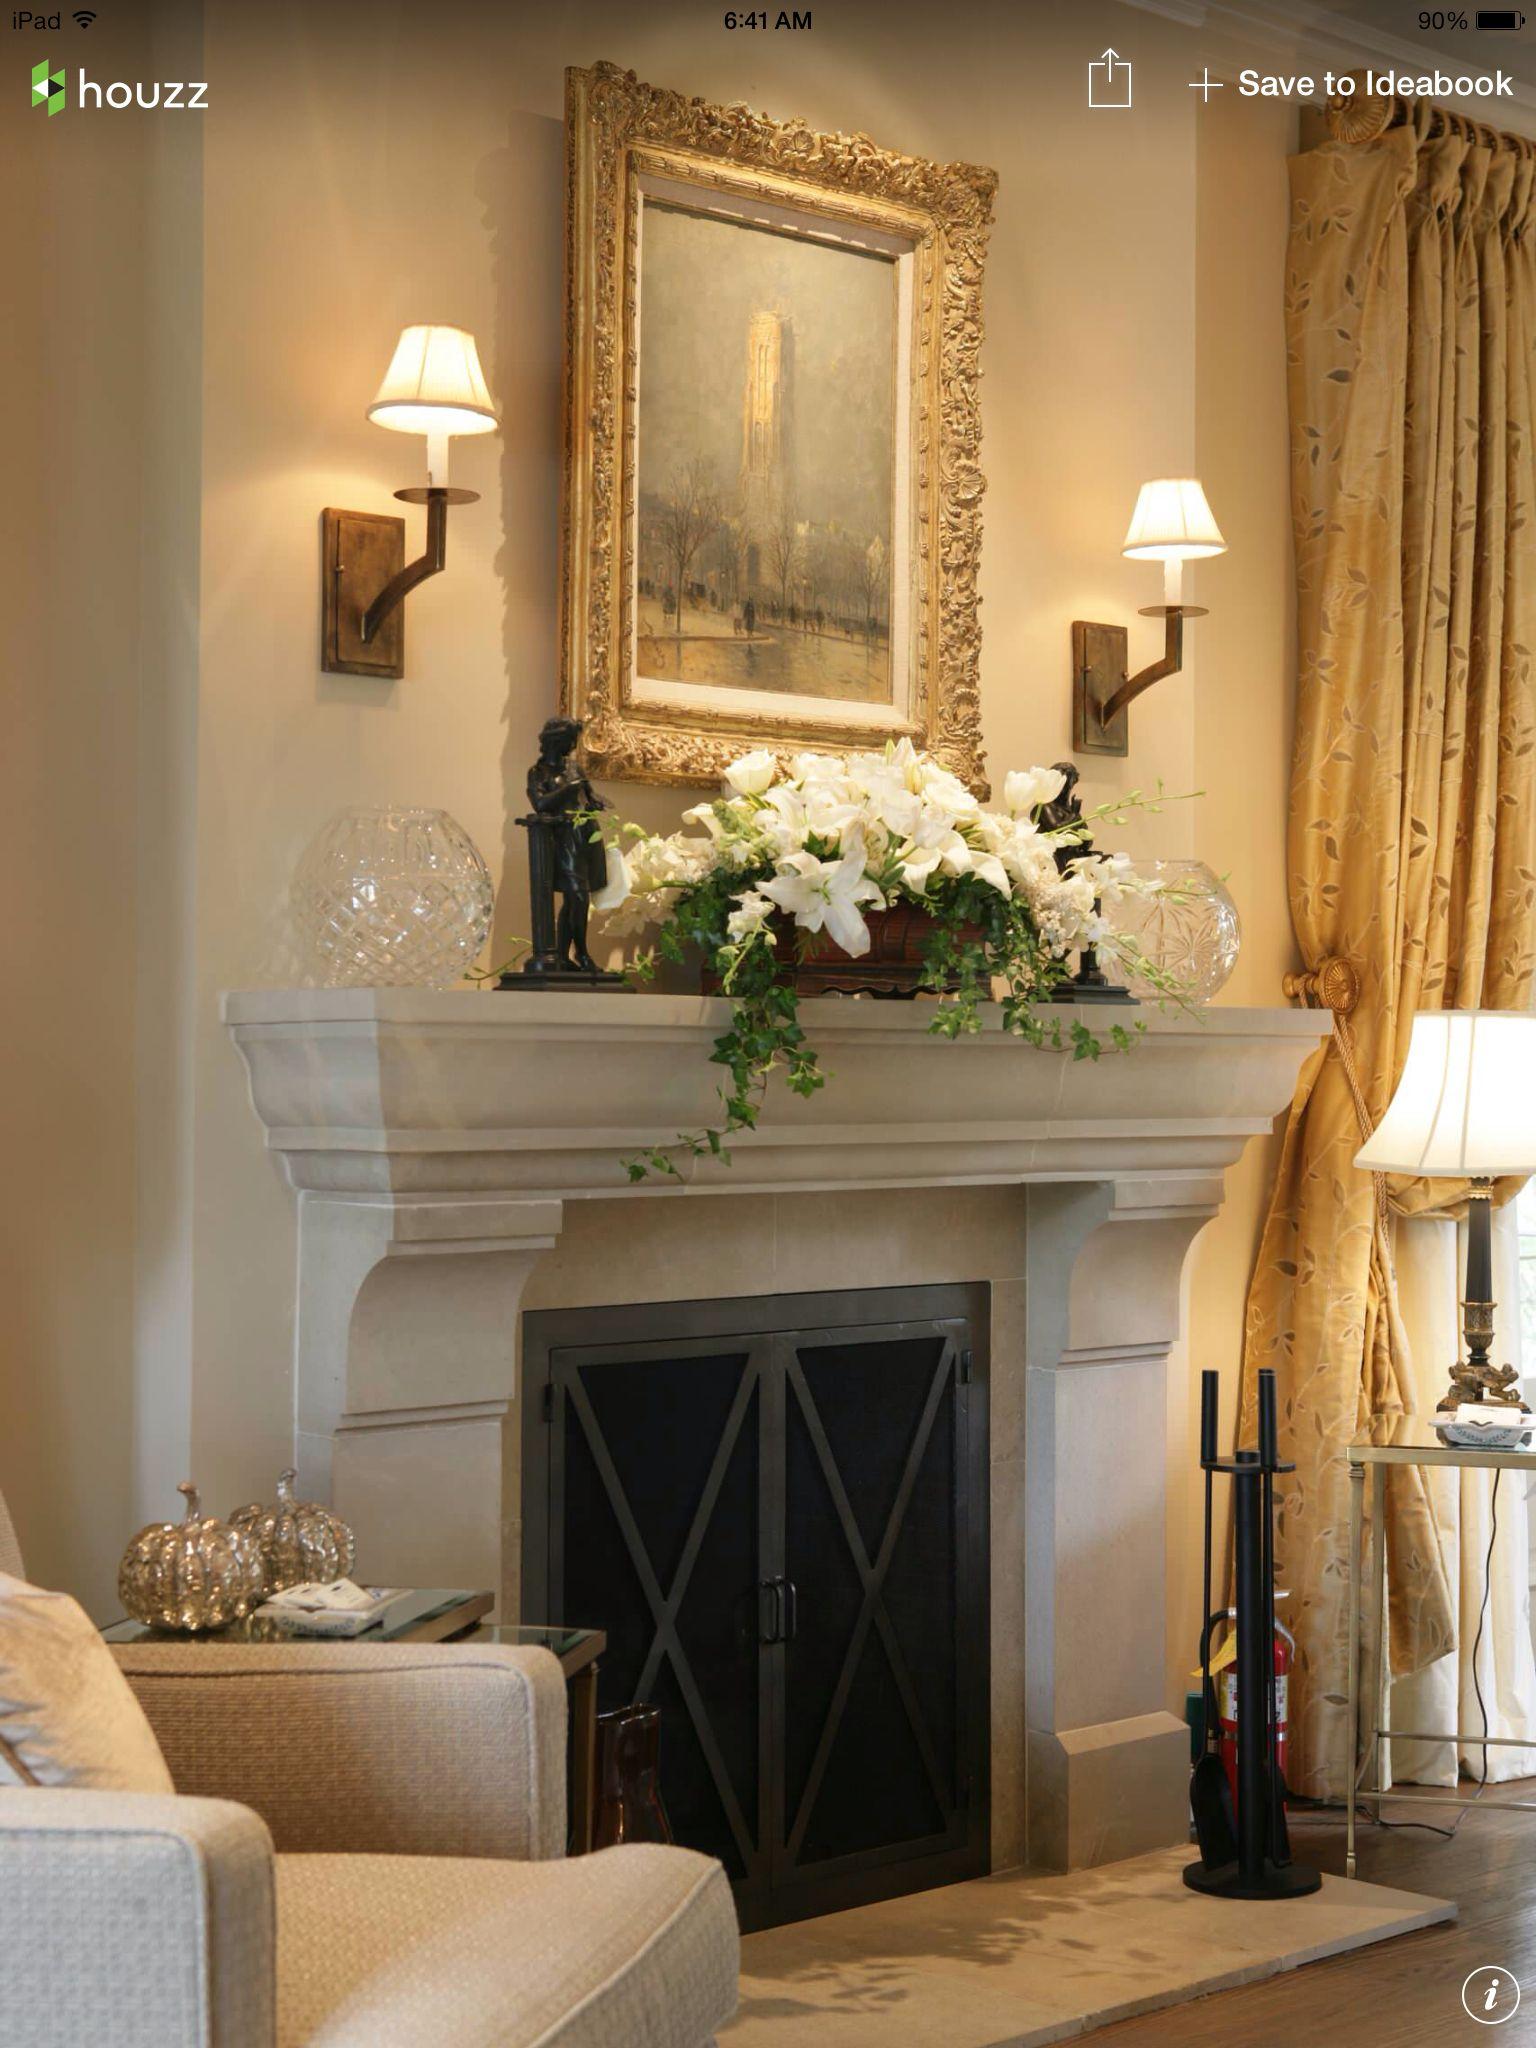 Decoraci n de chimenea adornos y detalles pinterest decoraci n de chimenea decoraci n y - Decoracion para chimeneas ...